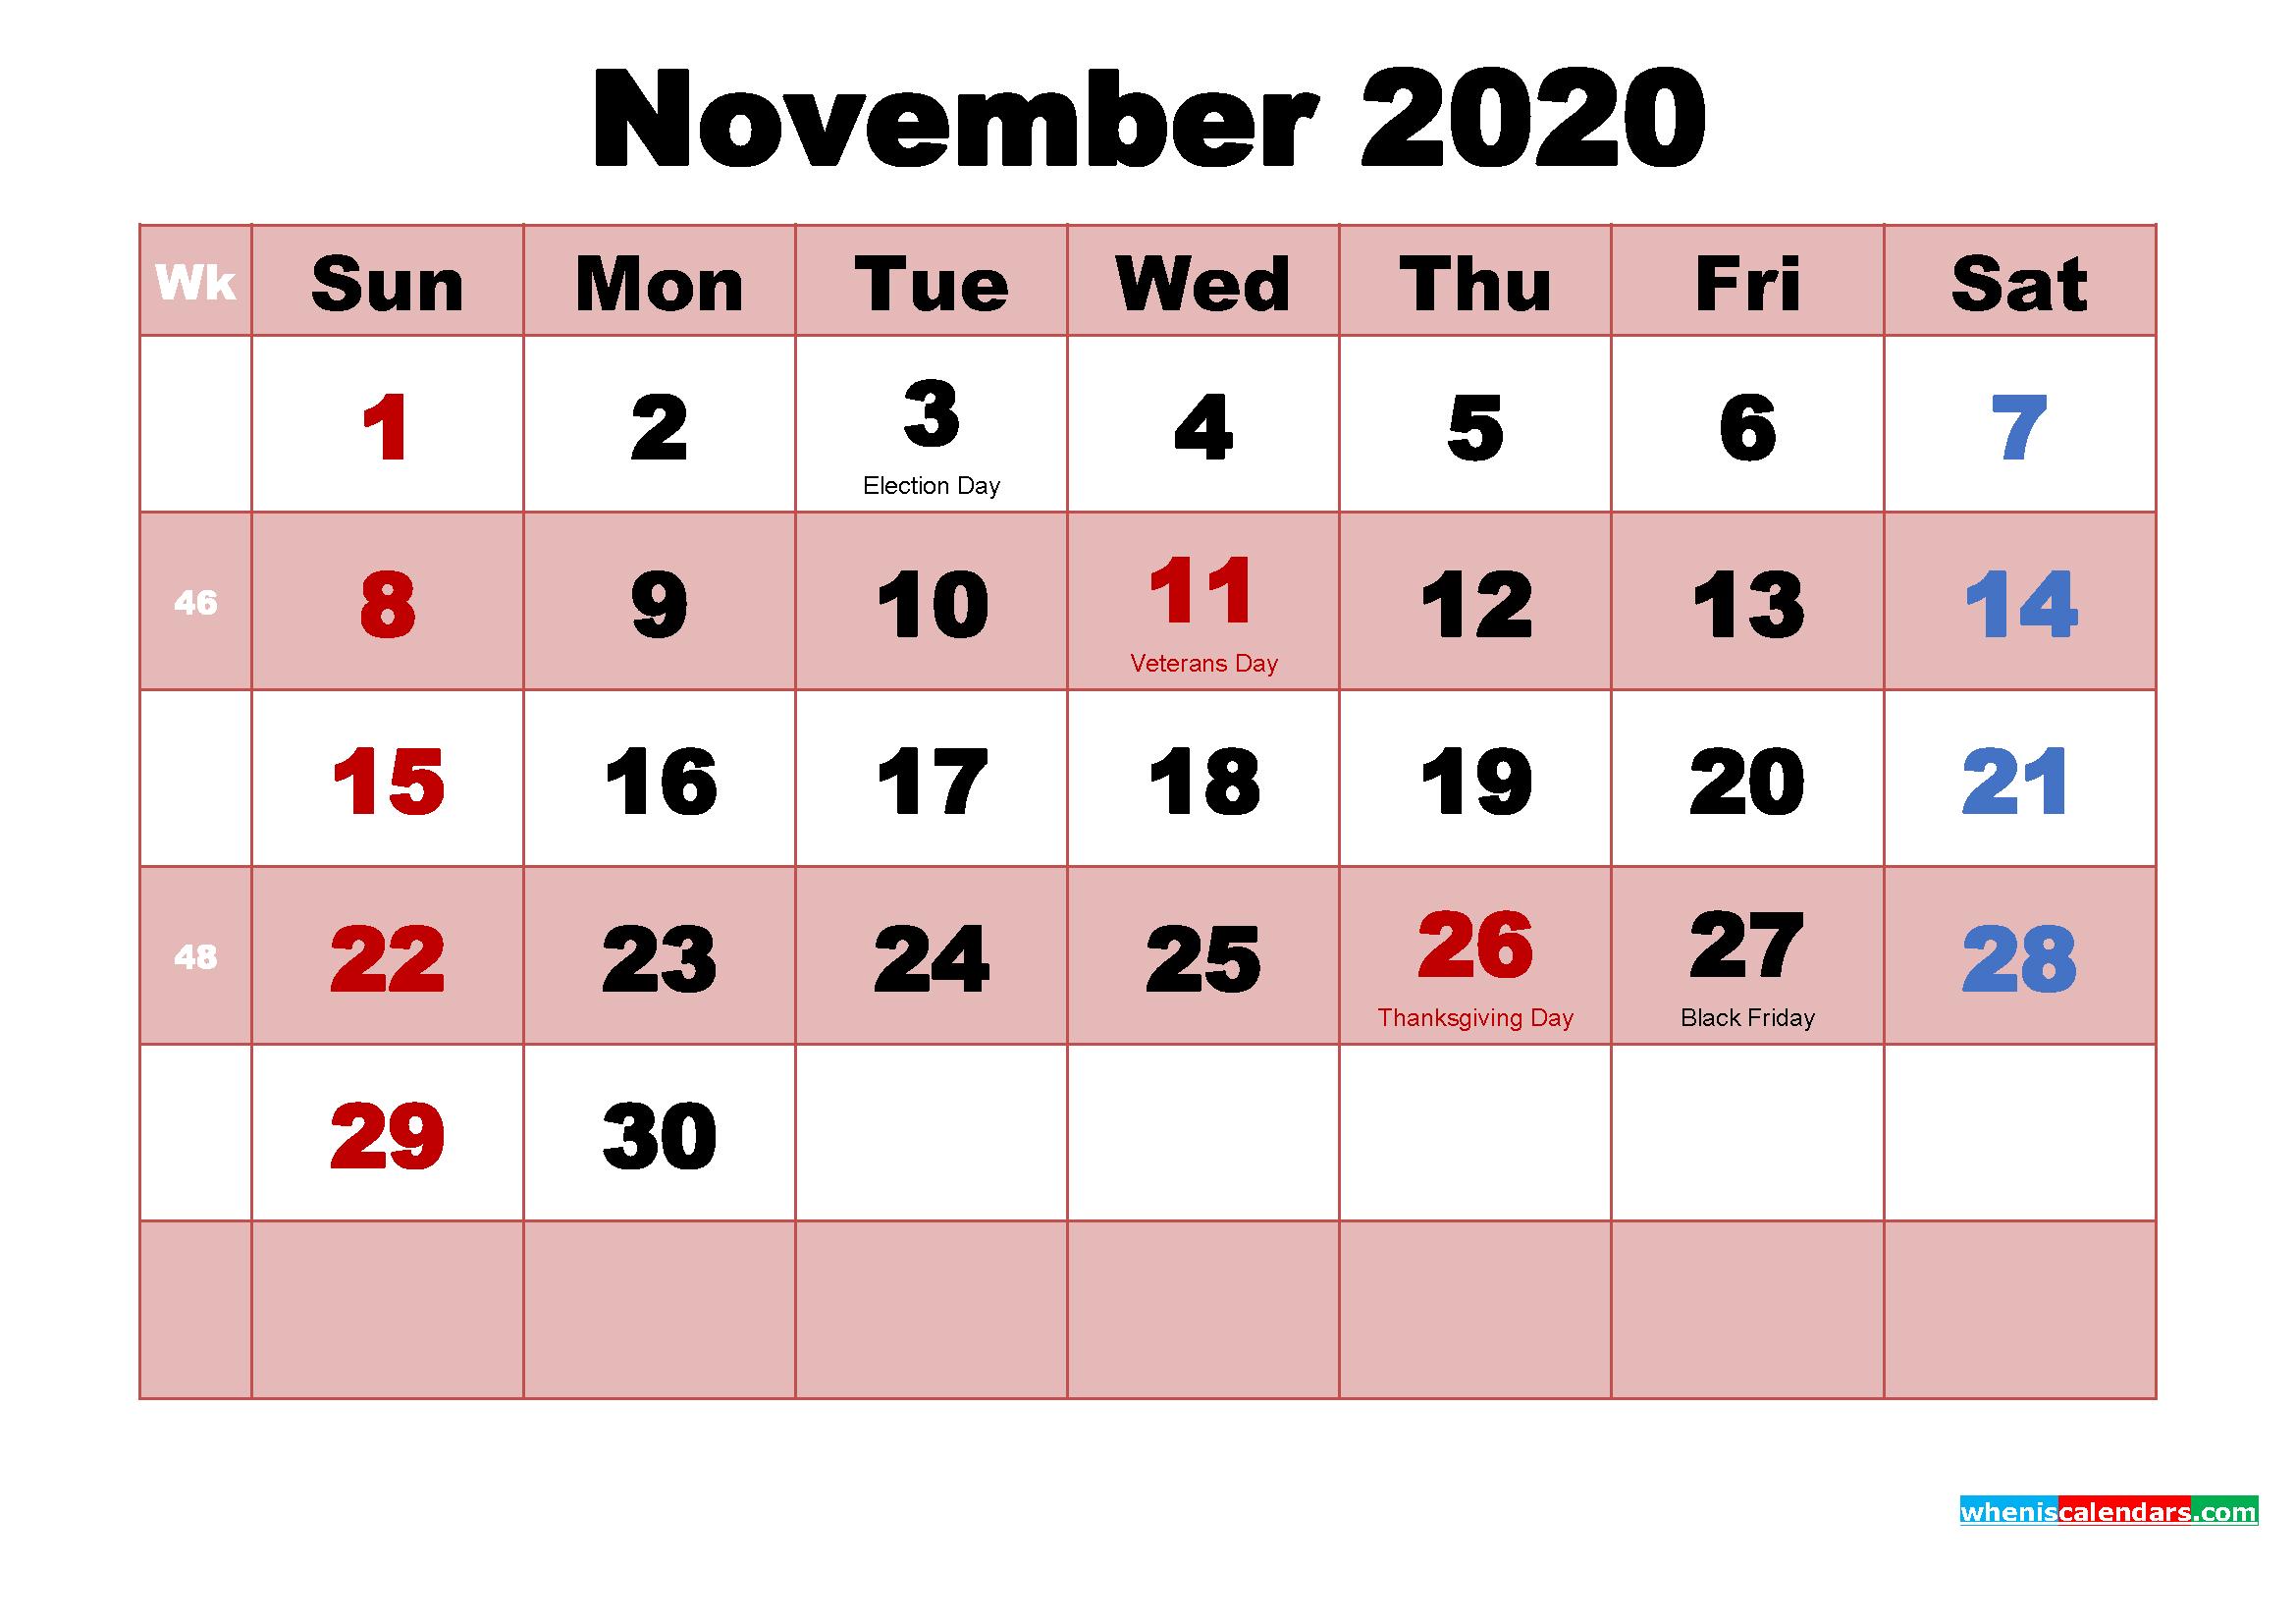 Printable November 2020 Calendar by Month